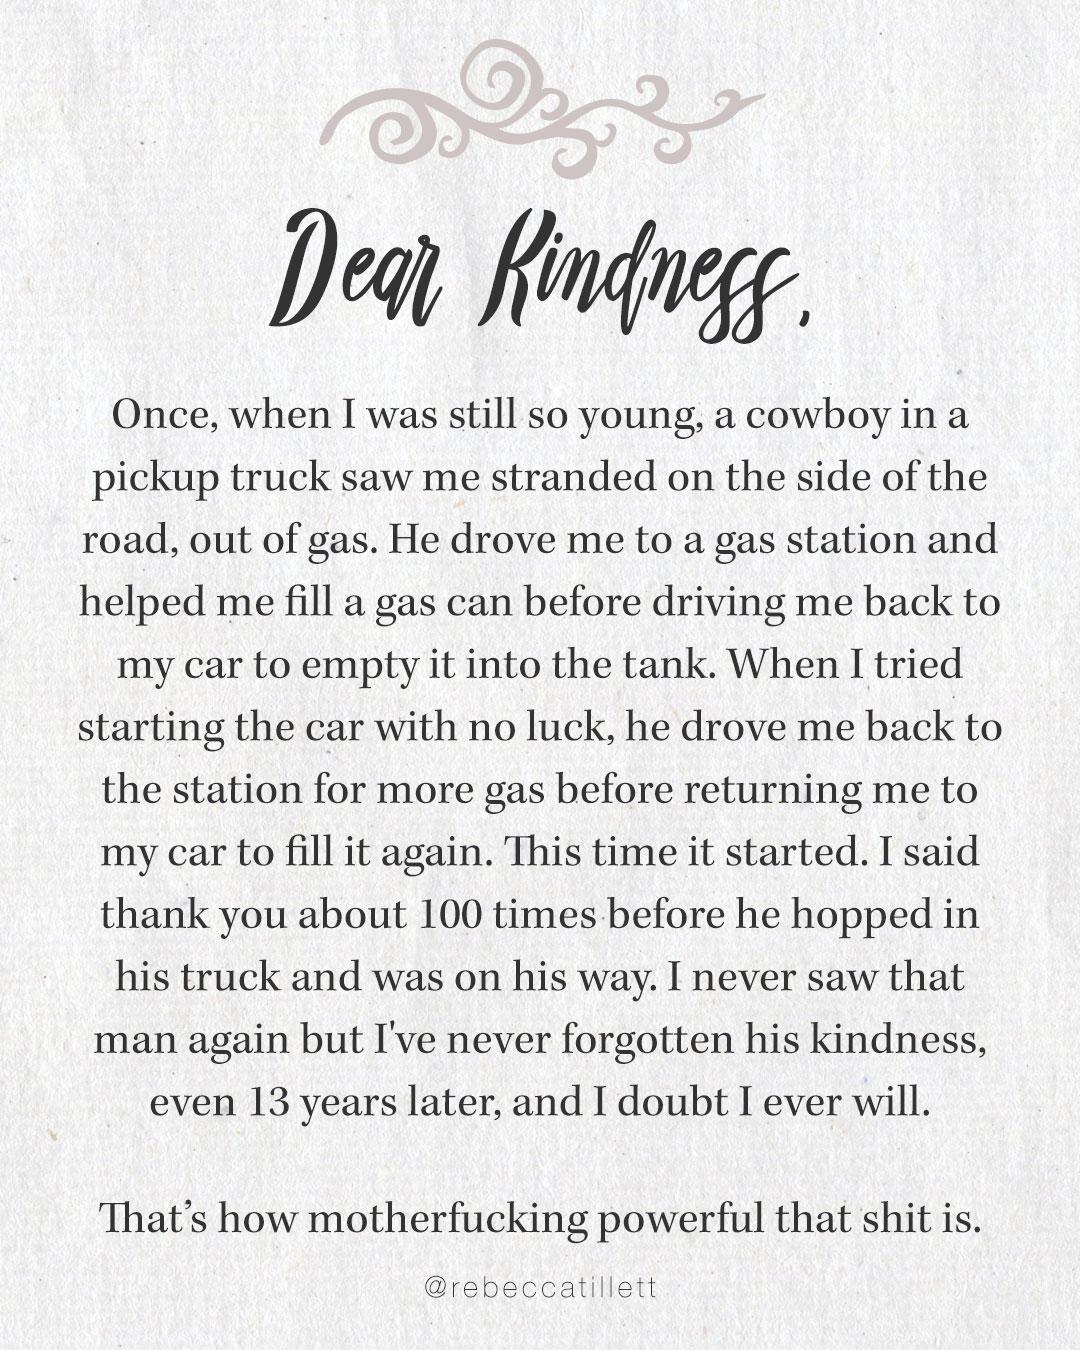 Dear Kindness